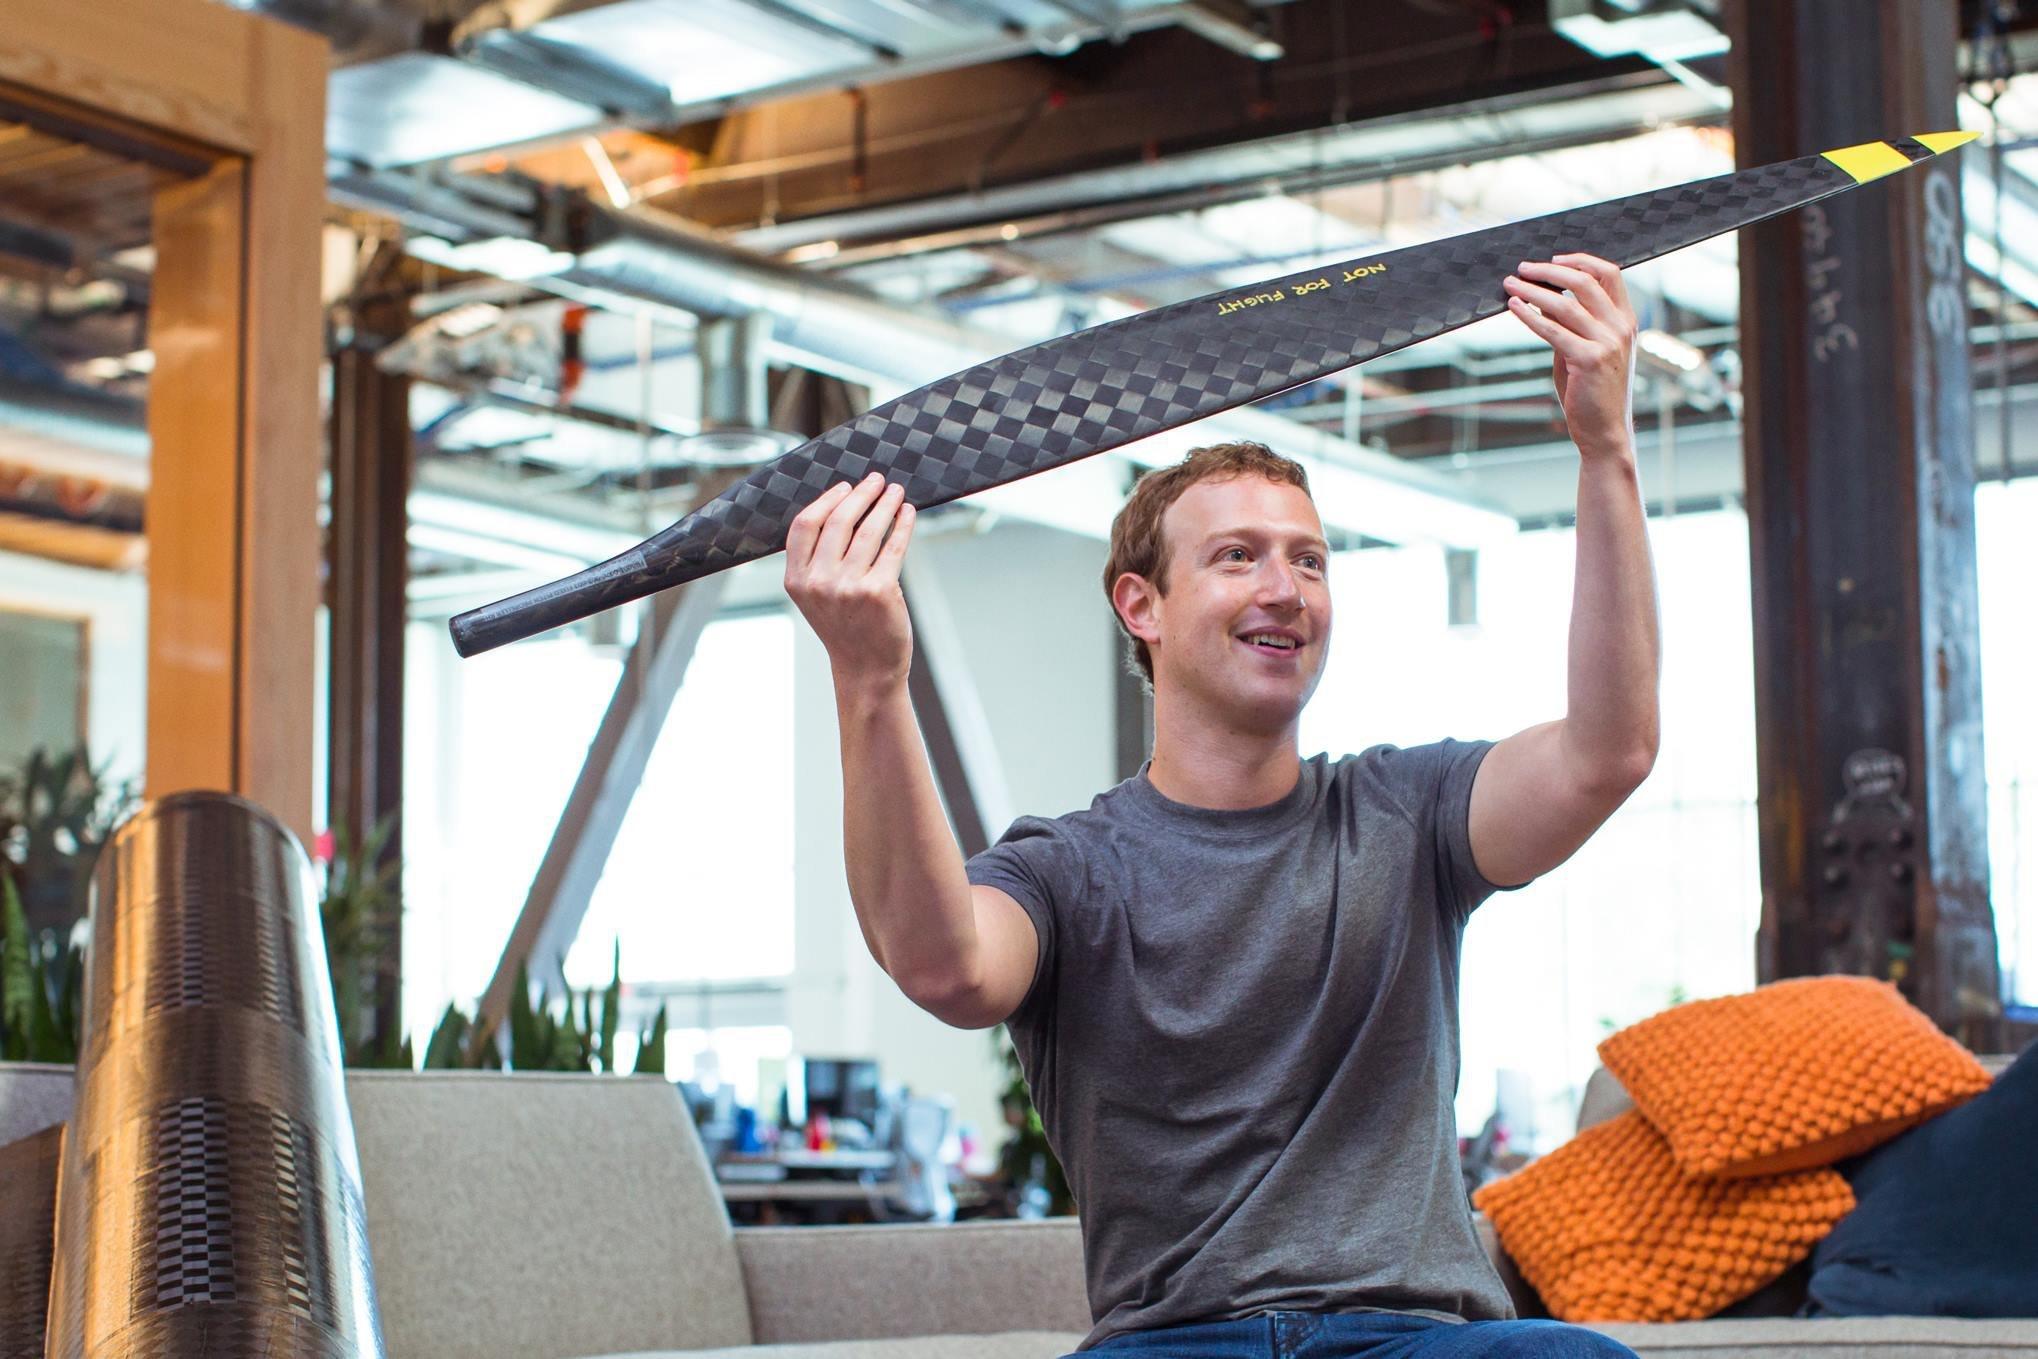 CEO Facebook: 'Làm việc tại nhà khiến tôi hạnh phúc, hiệu quả hơn'